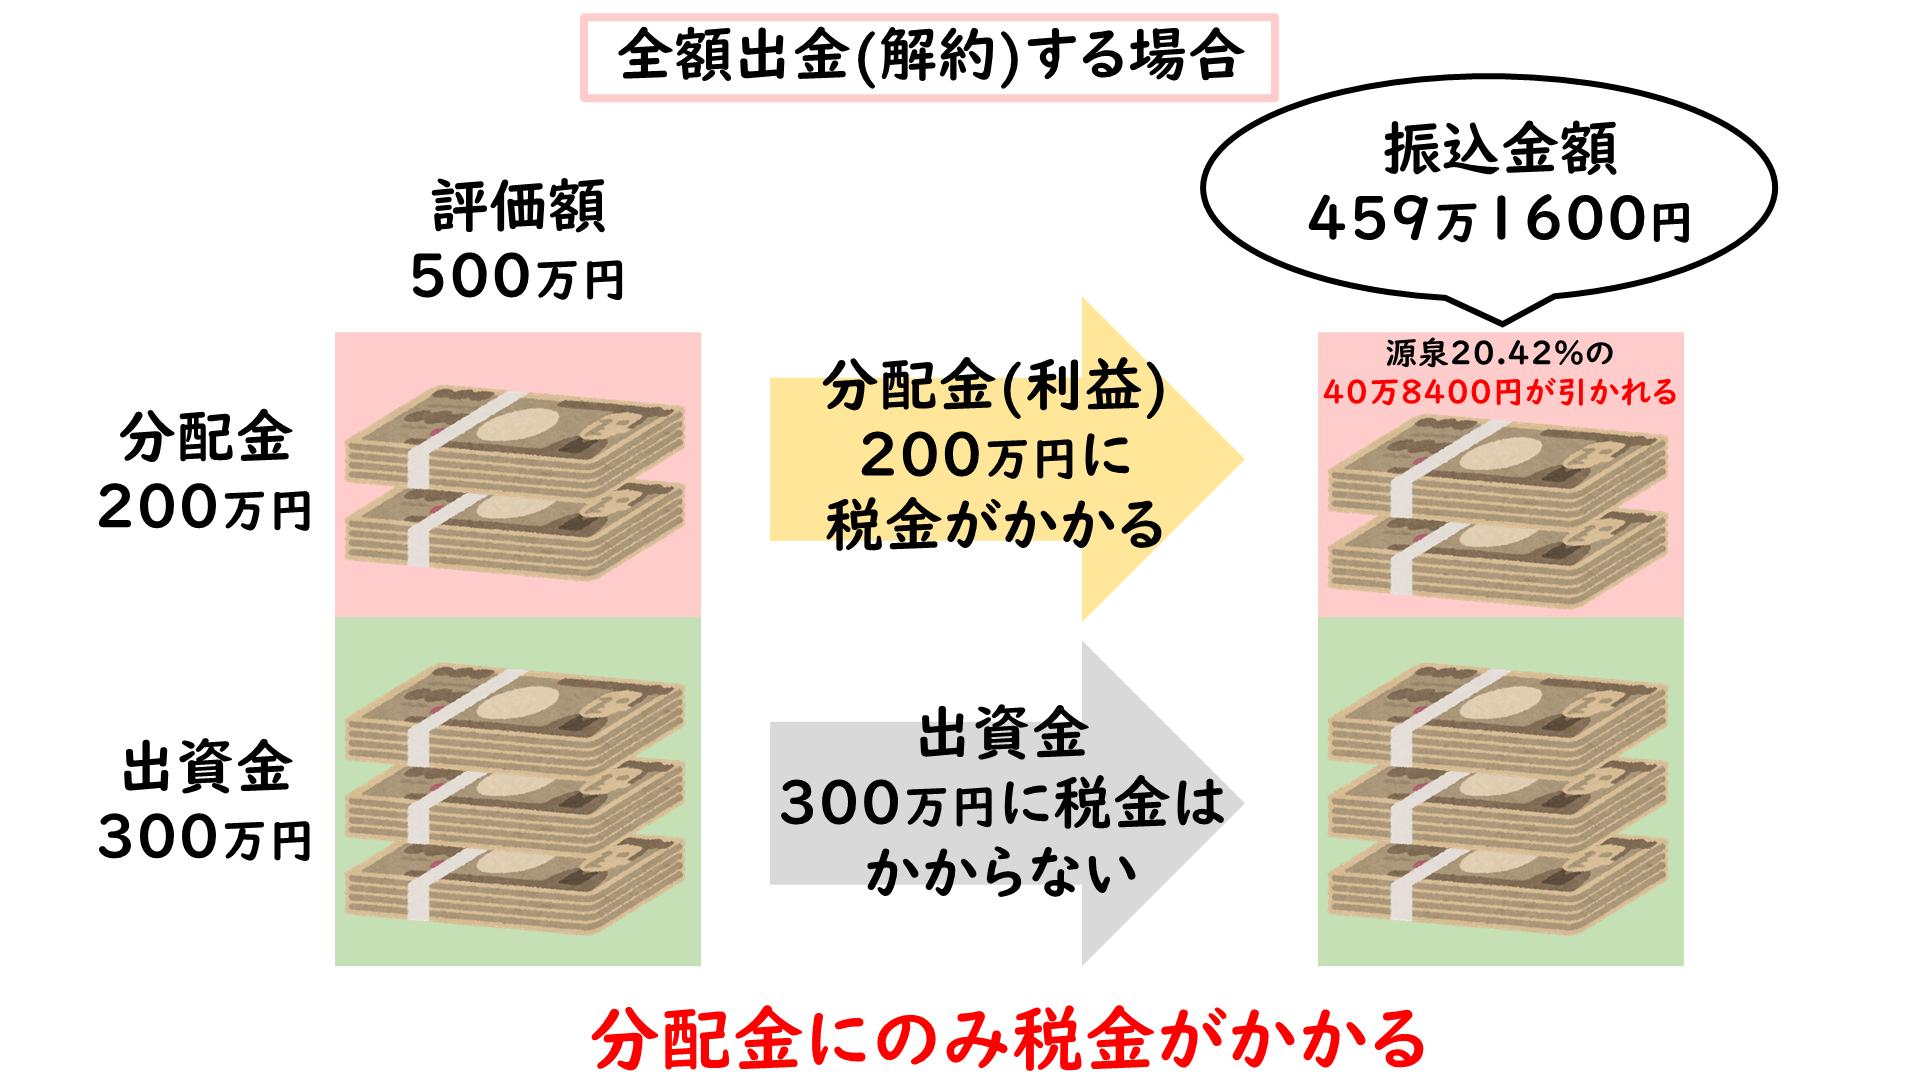 エクシア税金